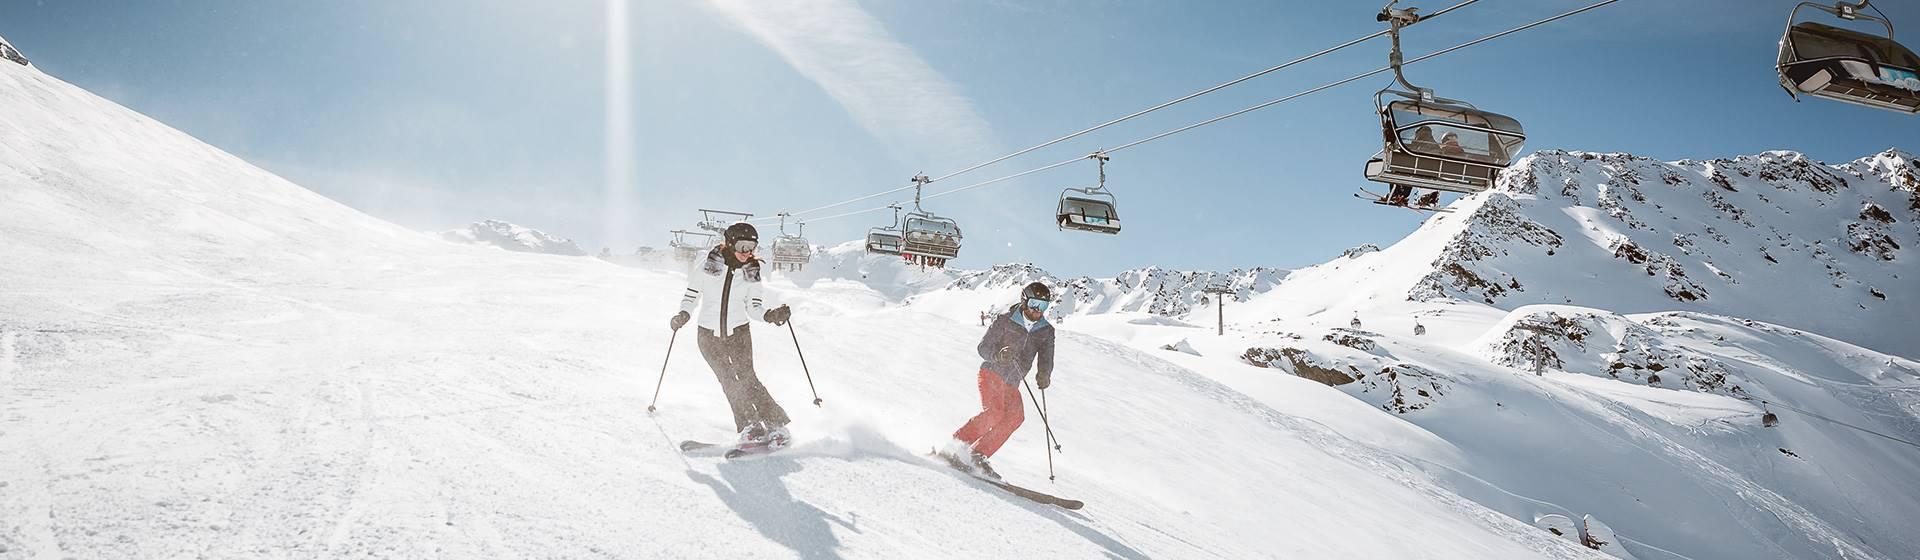 Zwei Skifahrer auf Skipiste unter Sessellift